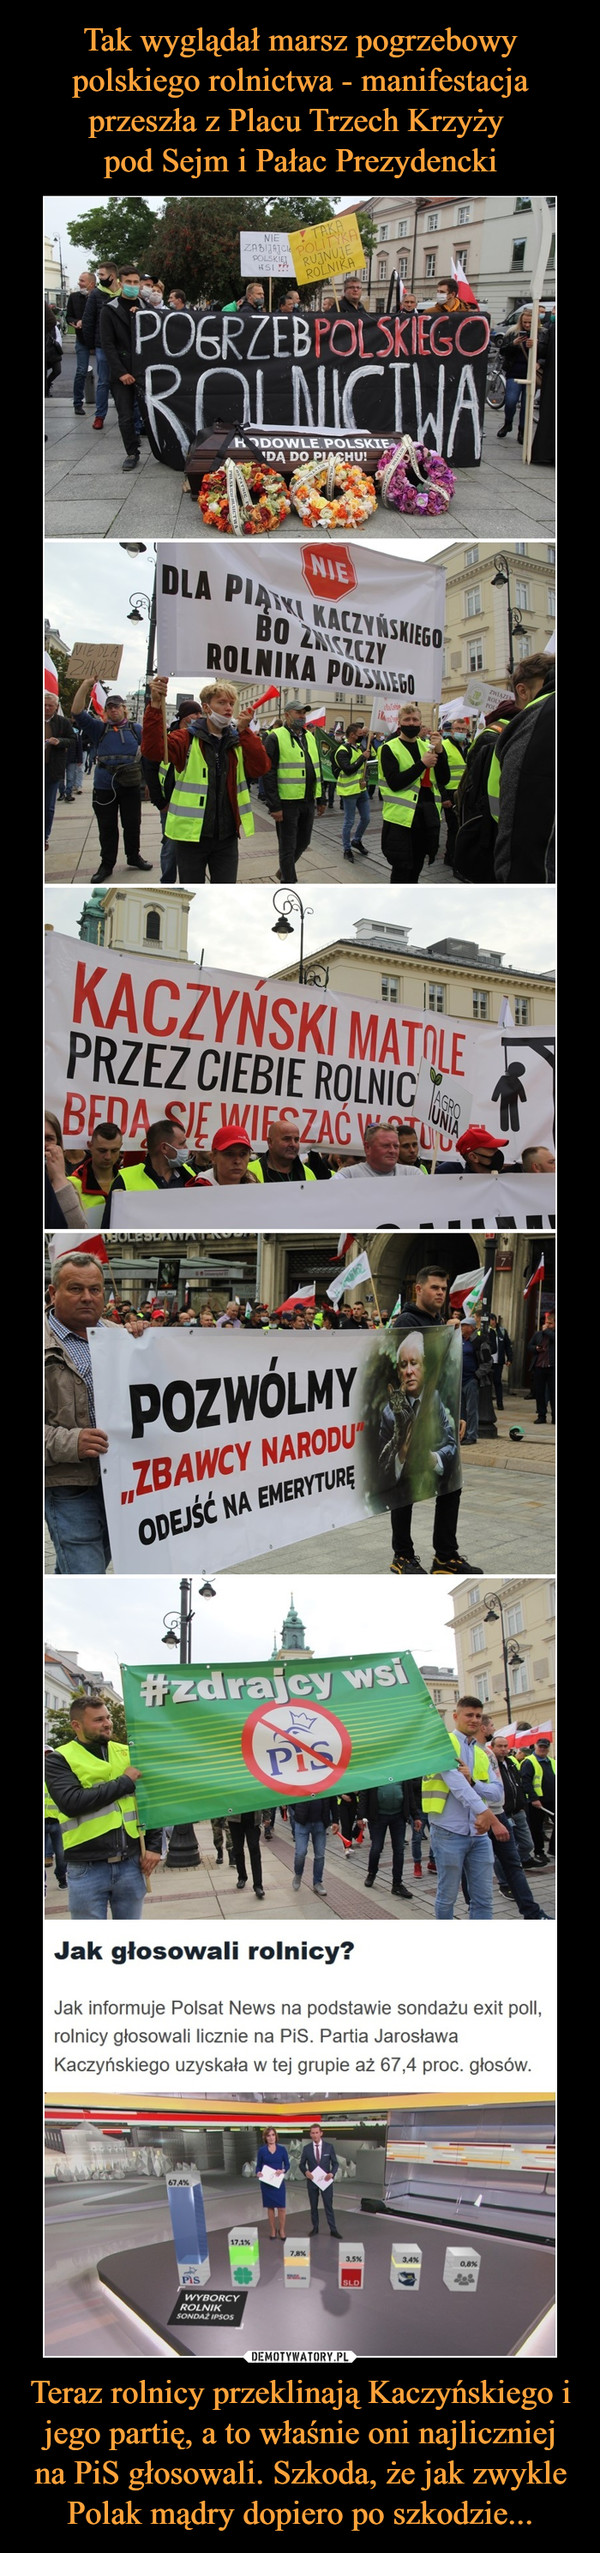 Teraz rolnicy przeklinają Kaczyńskiego i jego partię, a to właśnie oni najliczniej na PiS głosowali. Szkoda, że jak zwykle Polak mądry dopiero po szkodzie... –  Jak głosowali rolnicy?Jak informuje Polsat News na podstawie sondażu exit poll, rolnicy głosowali licznie na PiS. Partia Jarosława Kaczyńskiego uzyskała w tej grupie aż 67,4 proc. głosów.